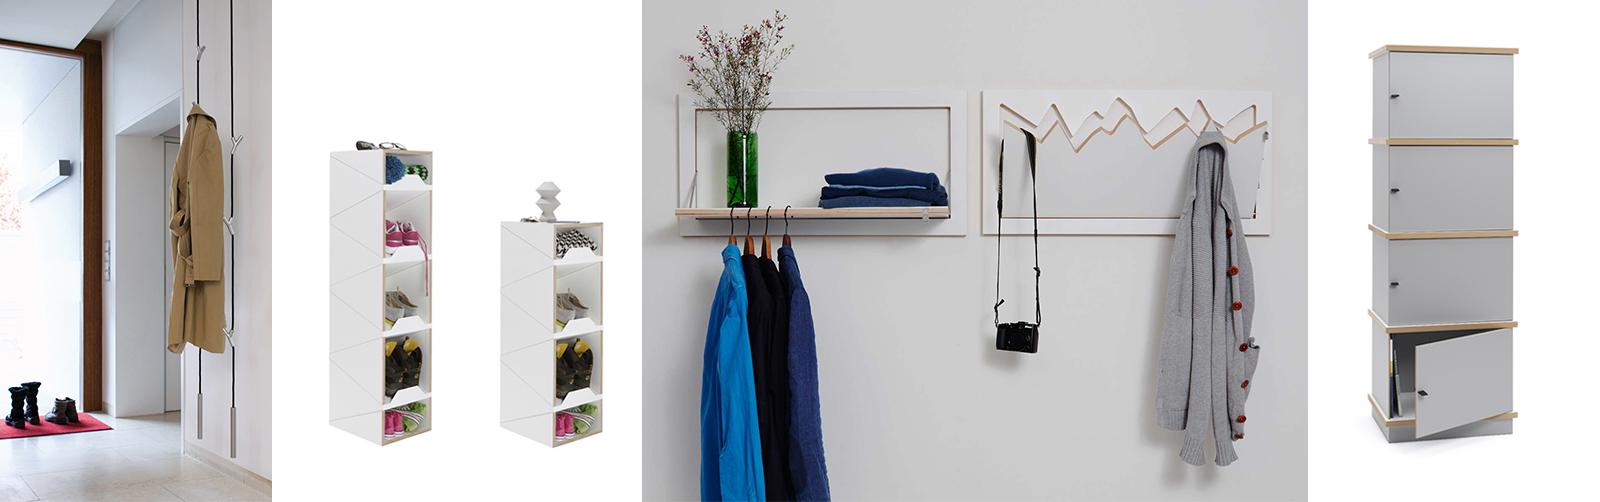 wohnideen zimmer htte, funktionale designermöbel | günstig kaufen bei designtolike.de, Design ideen